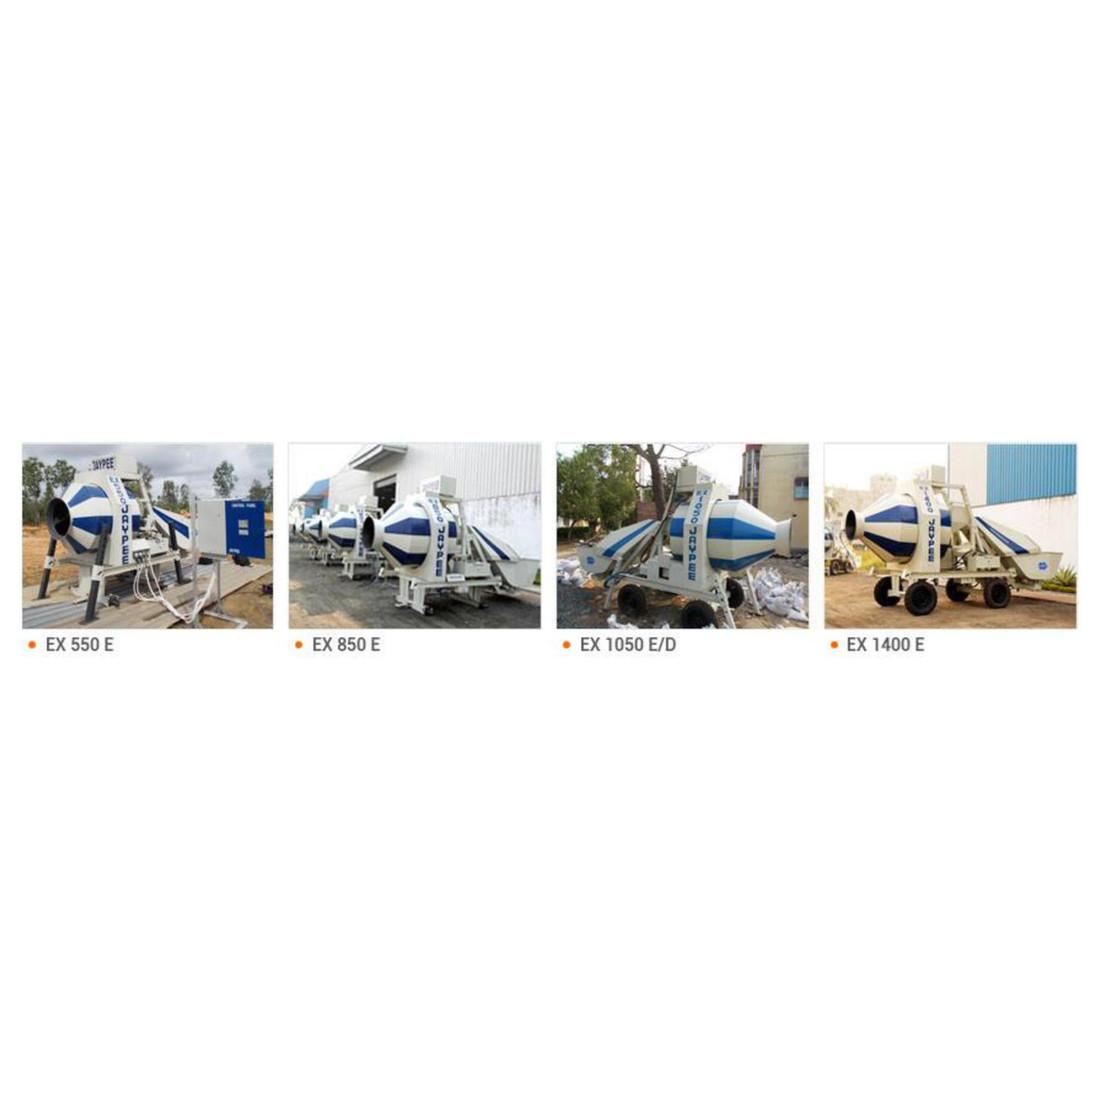 EX 550 E, EX 850 E, EX 1050 E/D, EX 1400 E